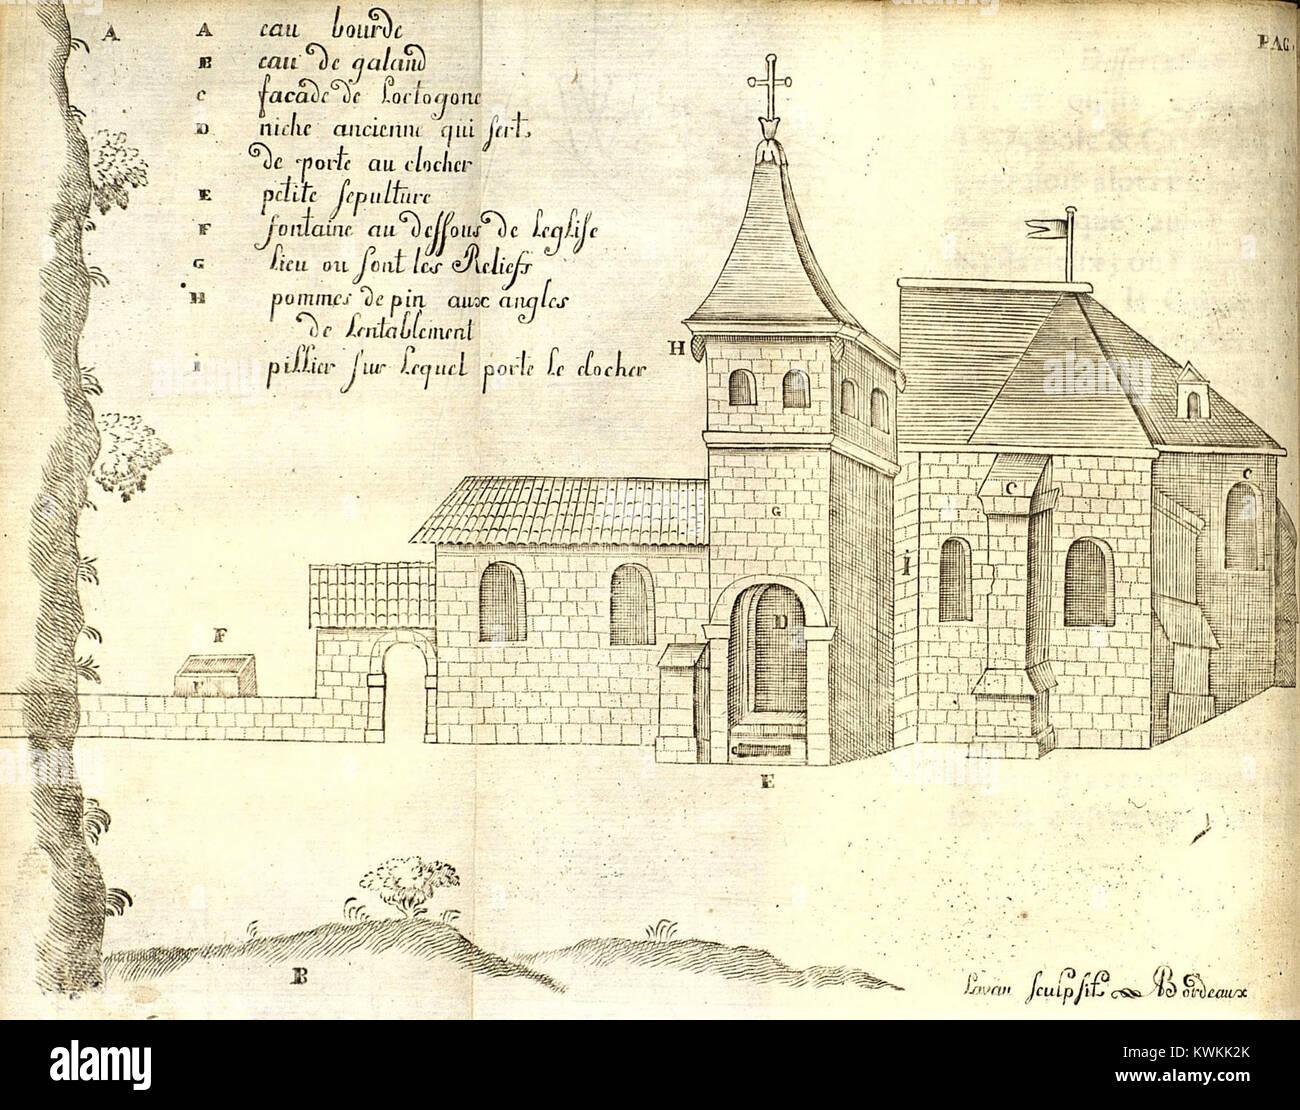 Jaubert-Dissertation sur un-Tempel octogone et plusieurs Reliefs trouvez à Dijon, Tiefdruck p44 Stockbild